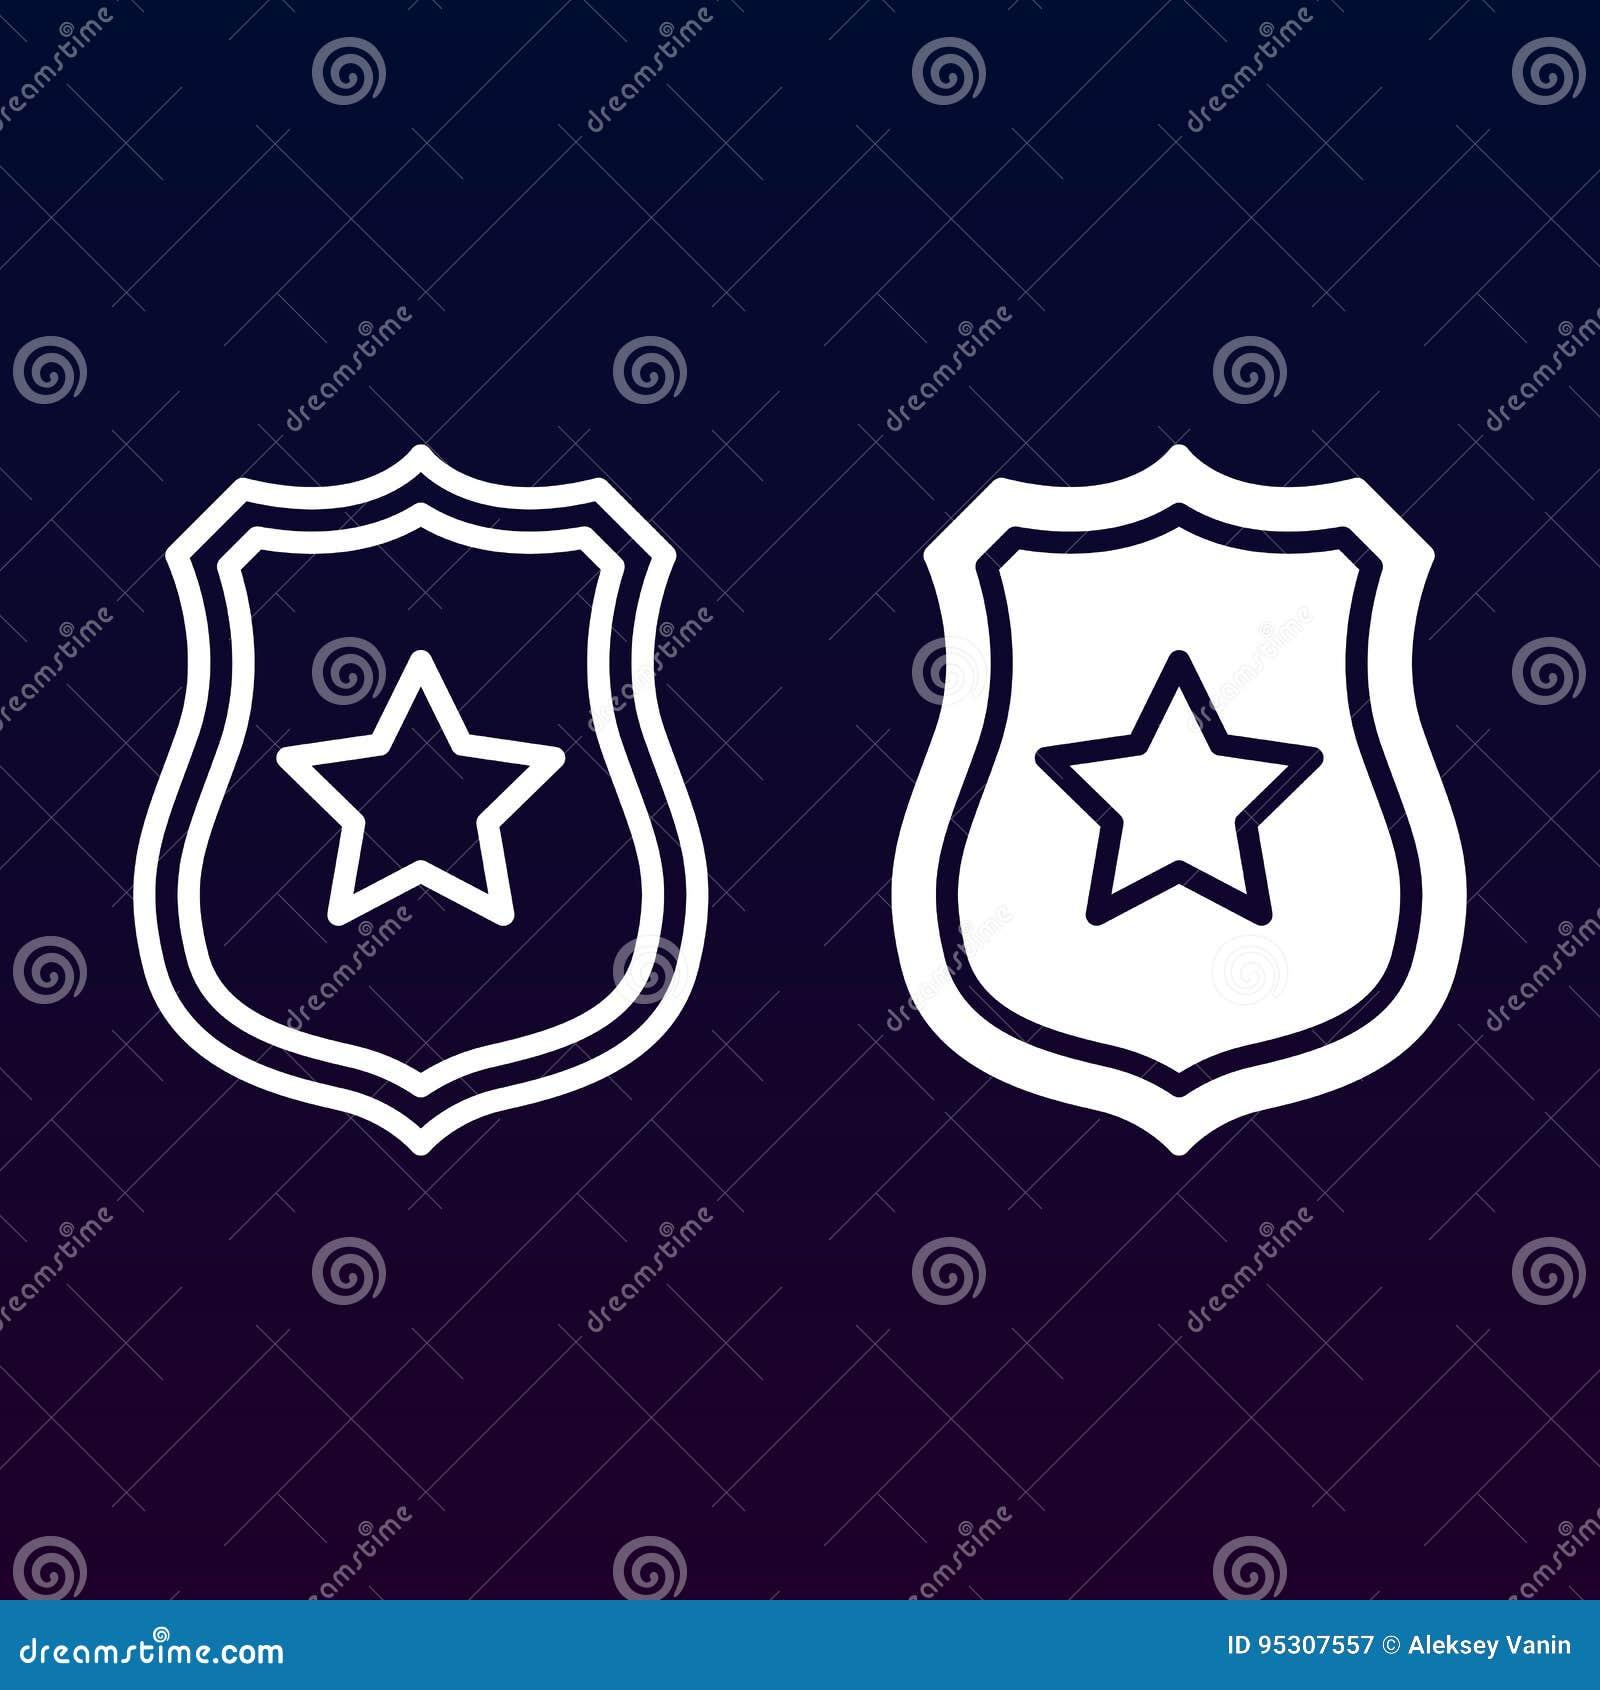 Openbare veiligheid, Sheriffkenteken met sterlijn en stevig pictogram, overzicht en gevuld geïsoleerd vectorteken, lineair en vol